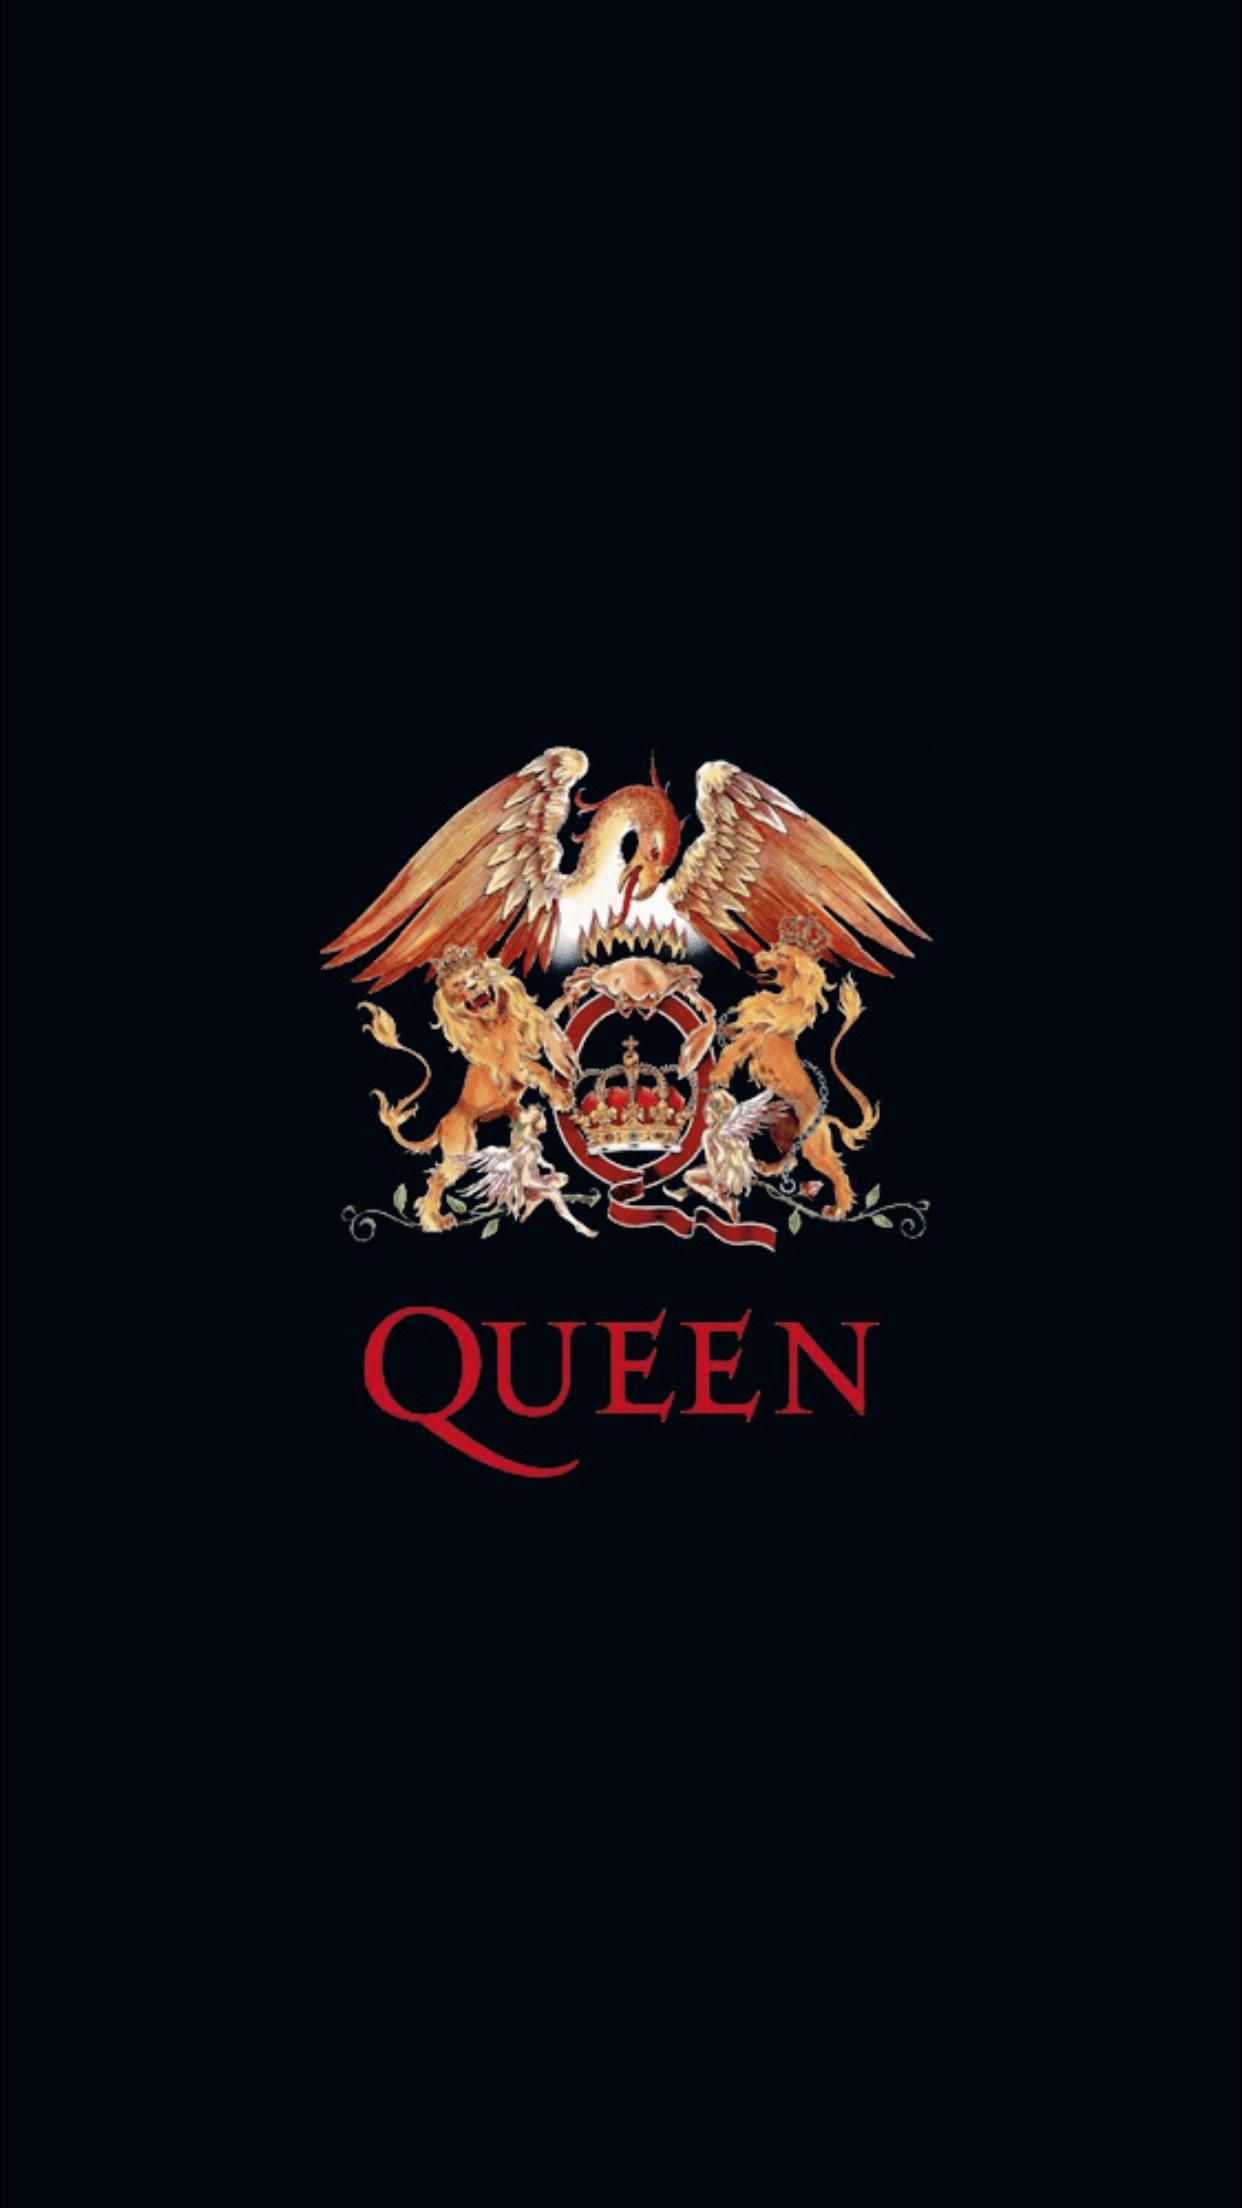 Queen iPhone Wallpapers   Top Free Queen iPhone Backgrounds ...